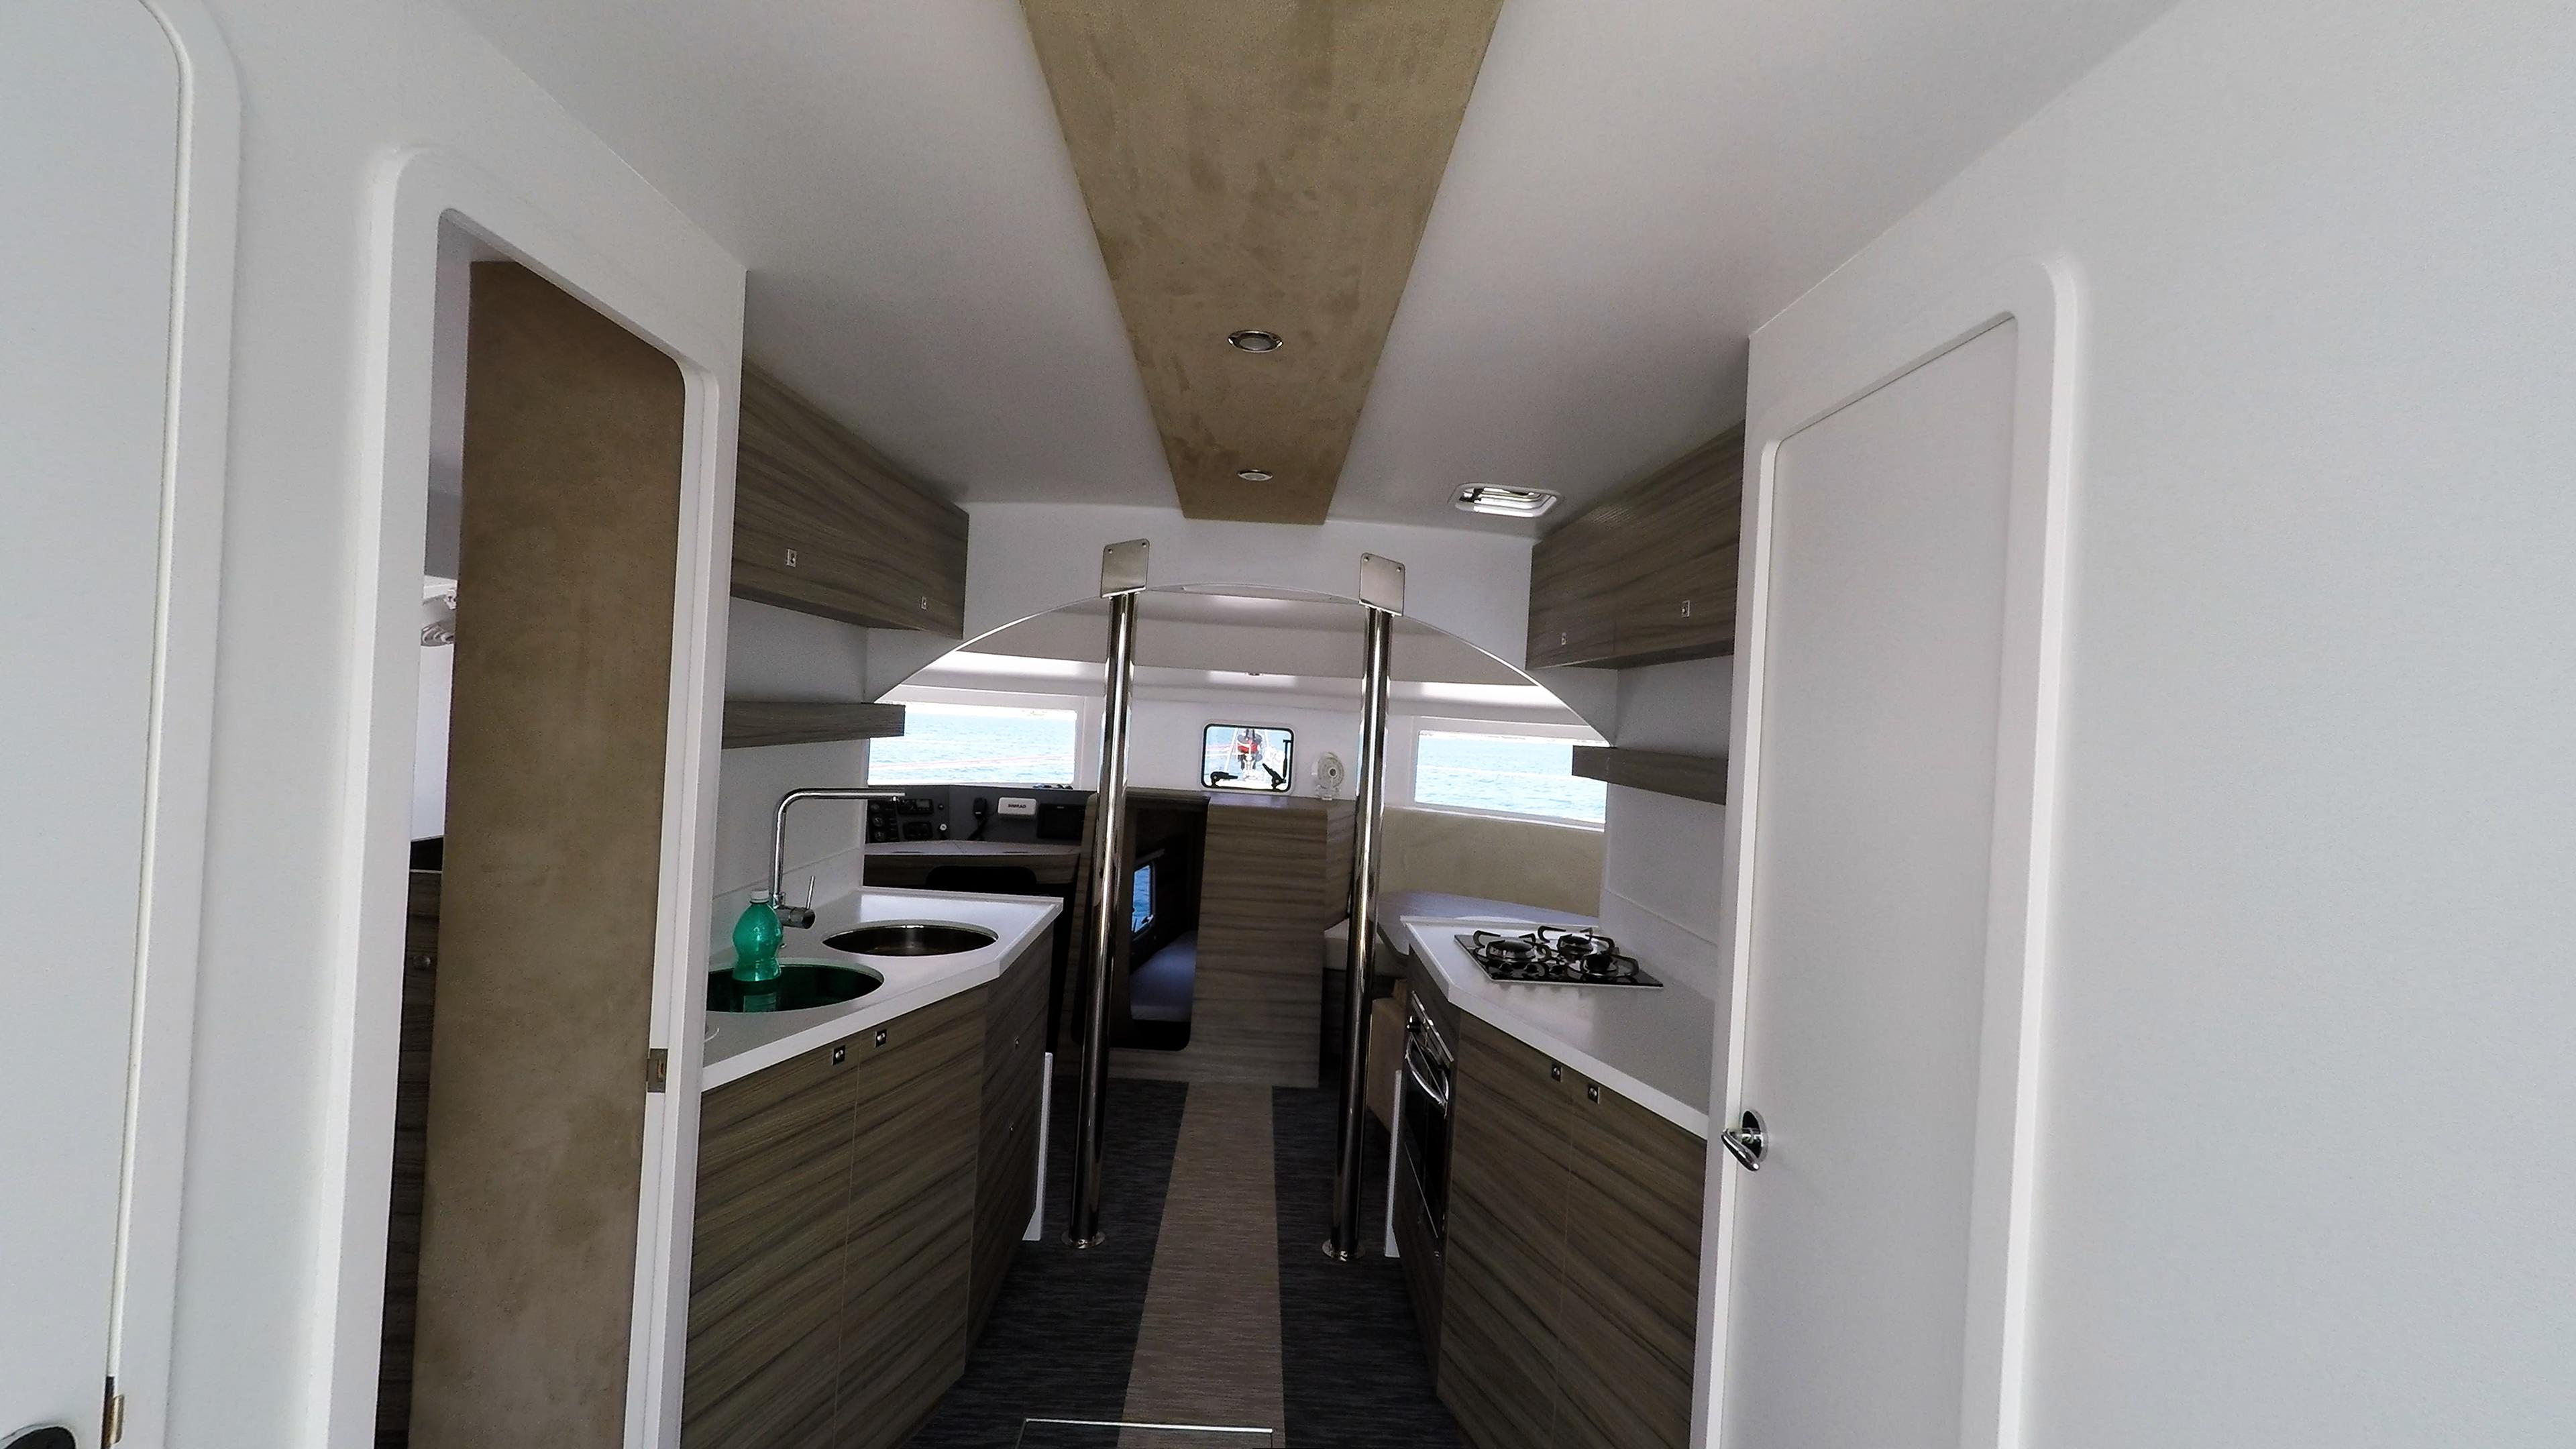 interiore neel 45 trimarano multiscafo imbarcazione 1